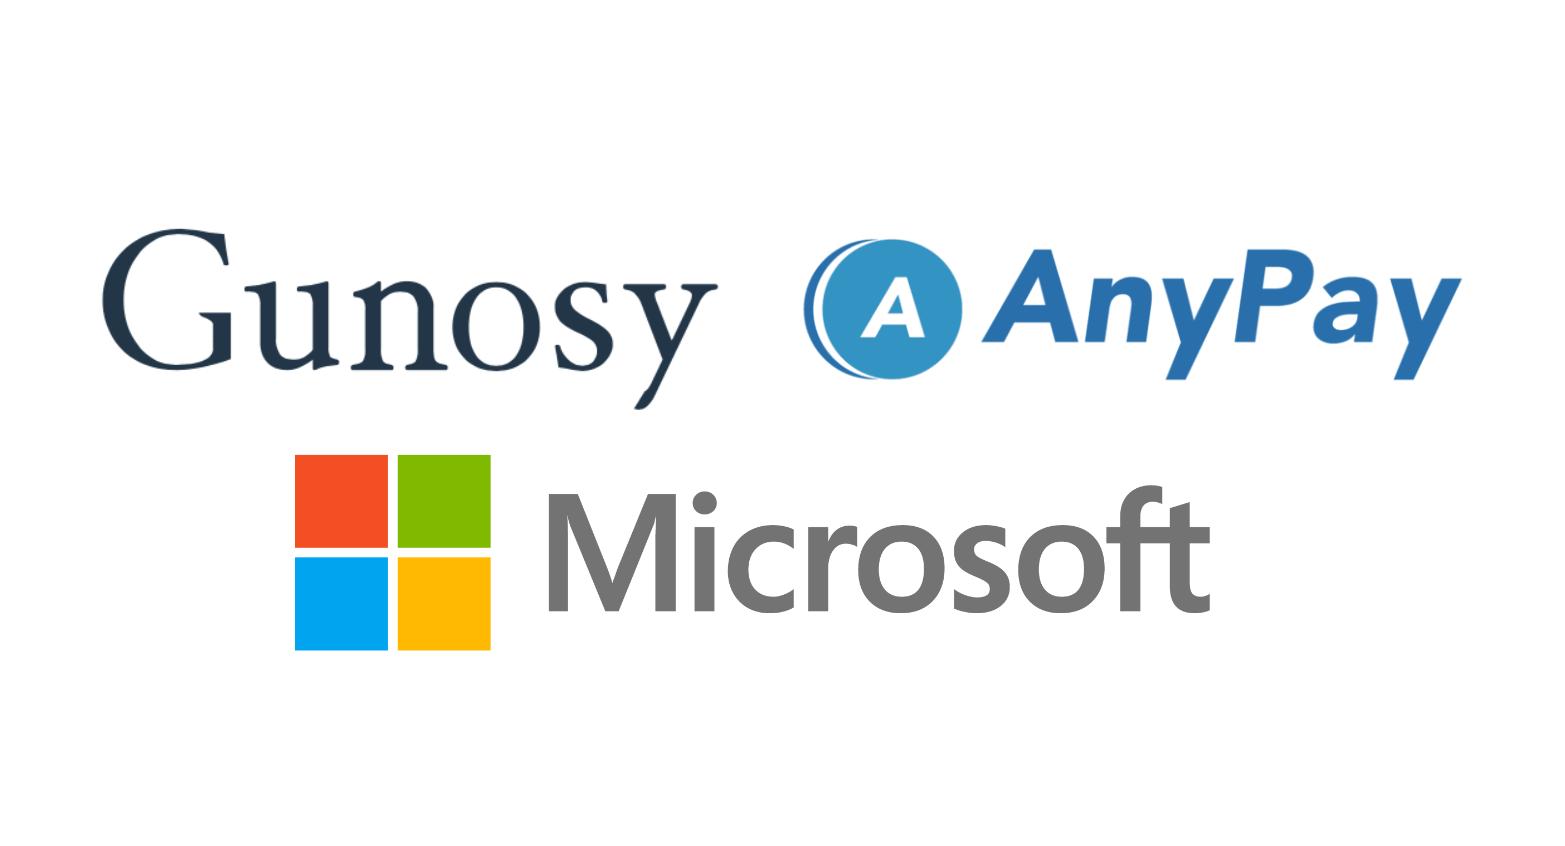 LayerX グノシー AnyPay マイクロソフト ブロックチェーン Zilliqa